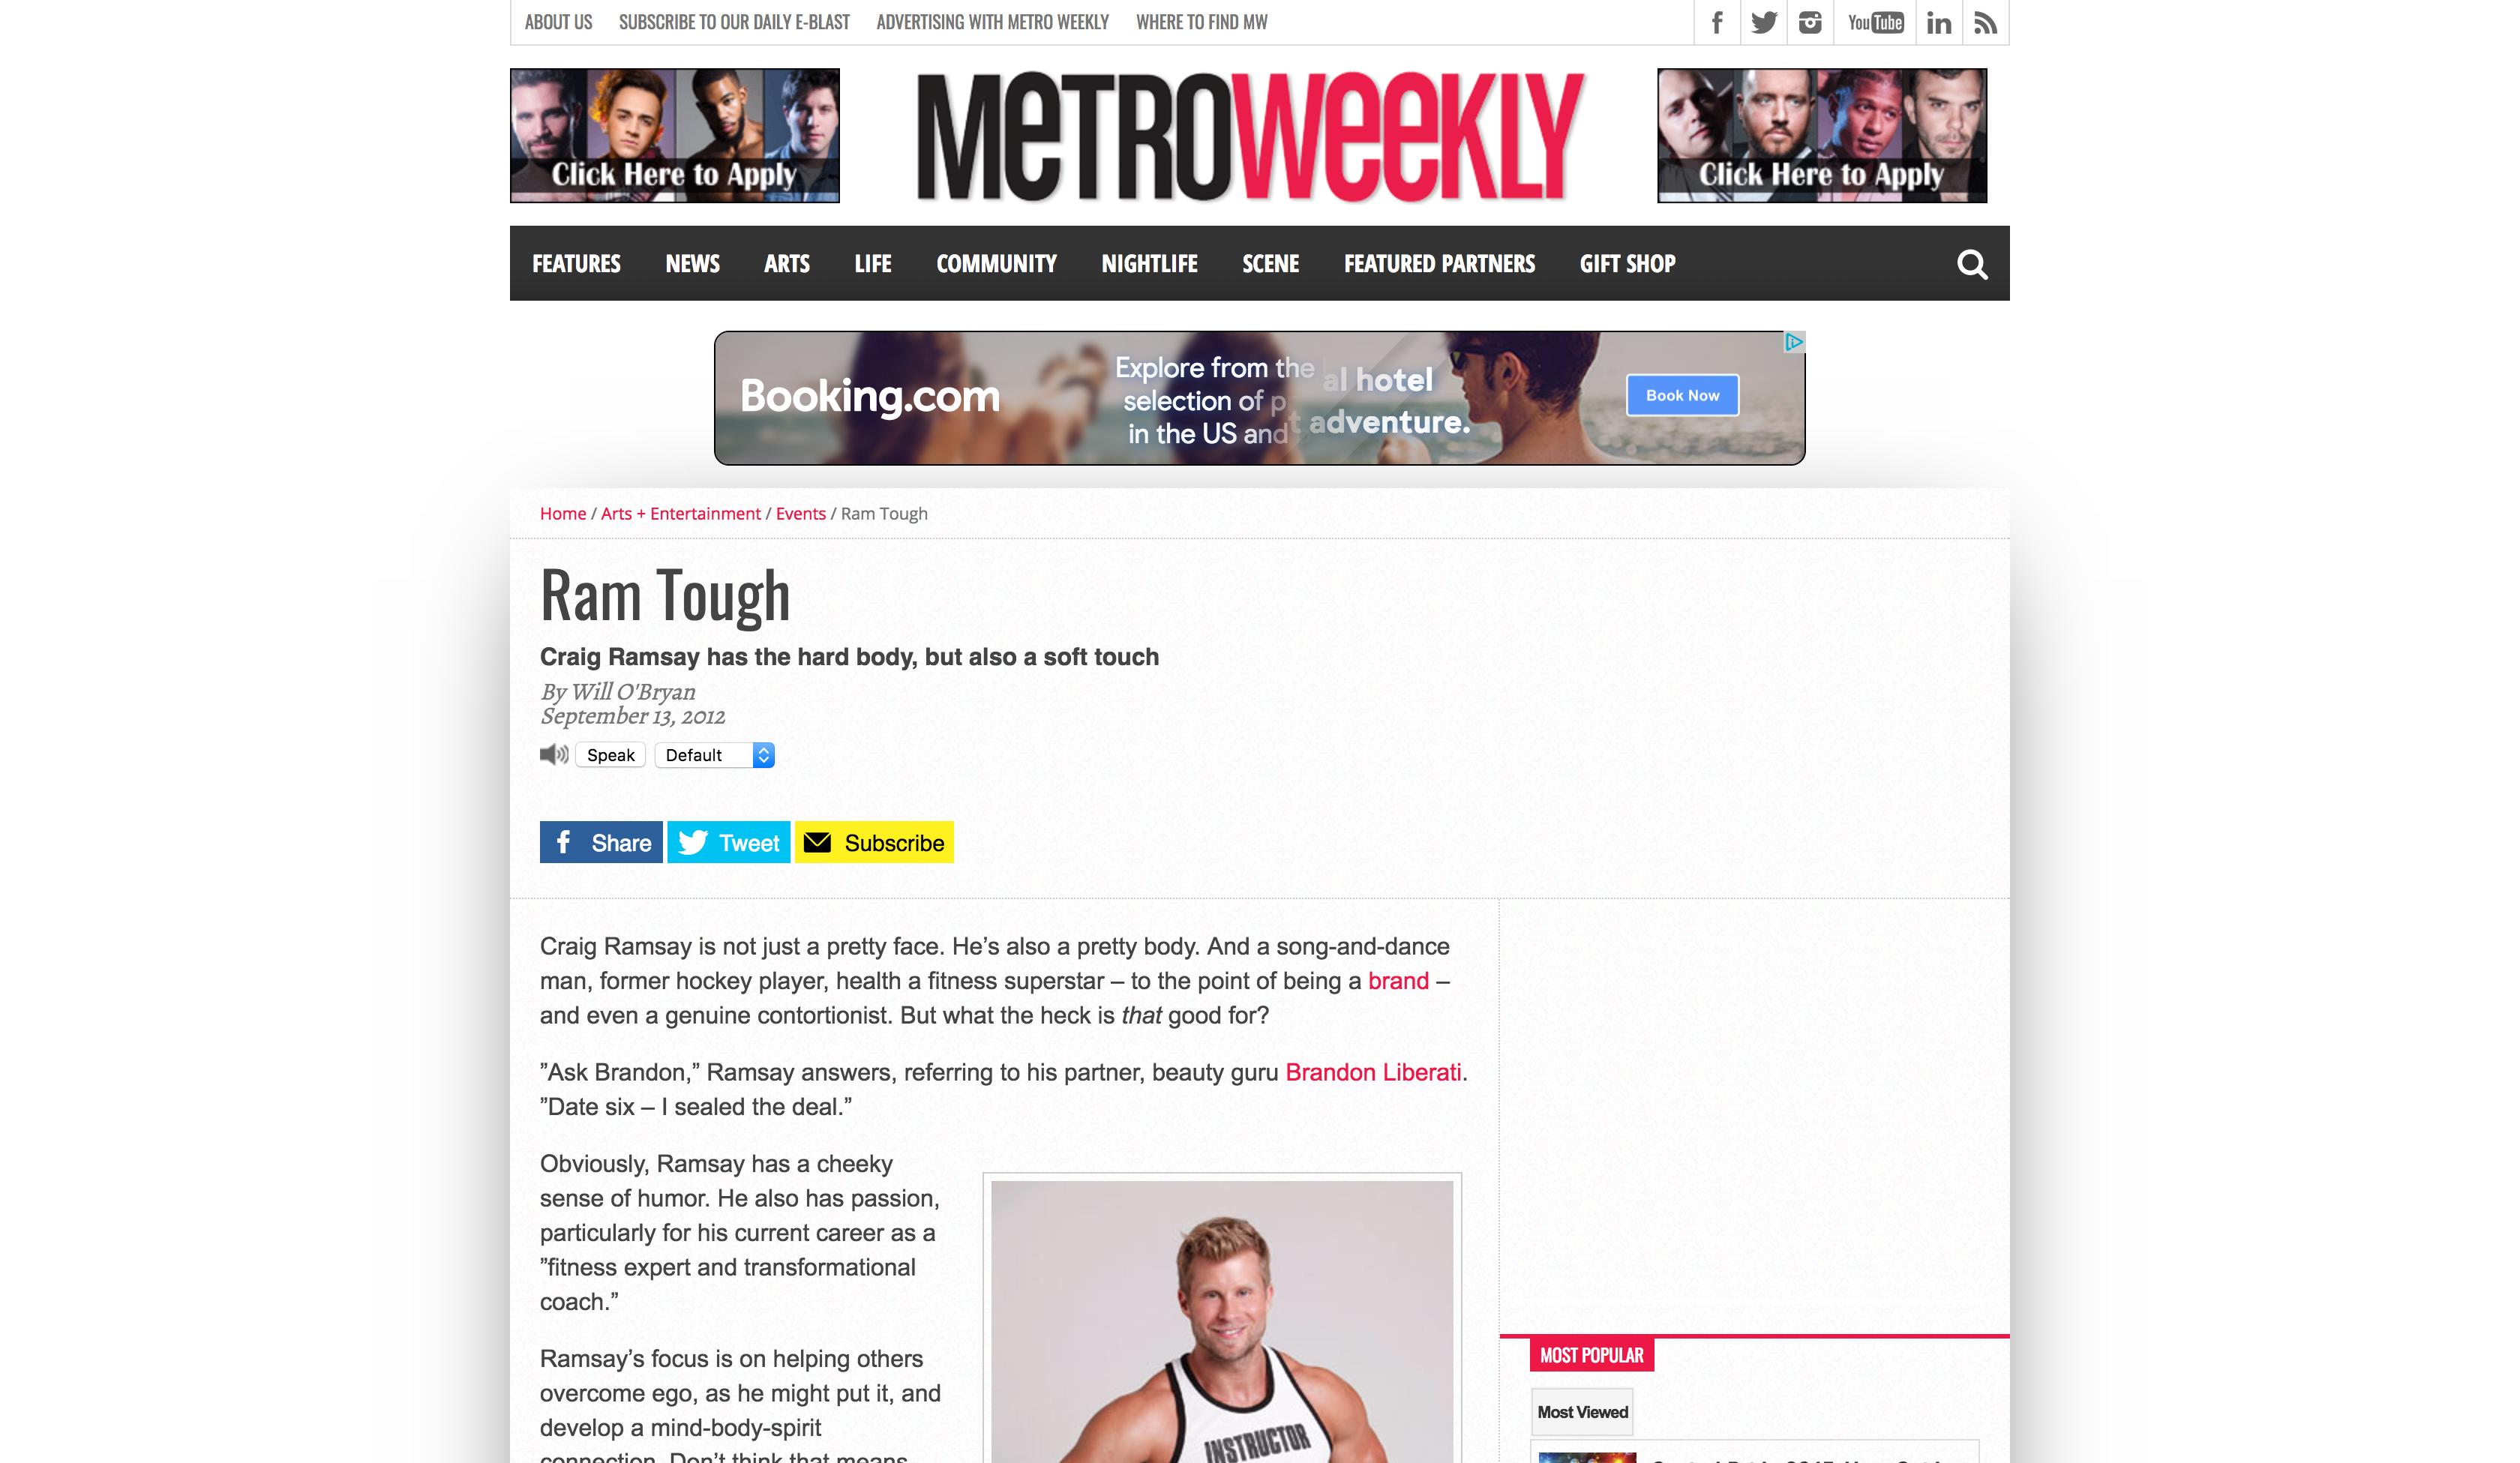 Metro Weekly